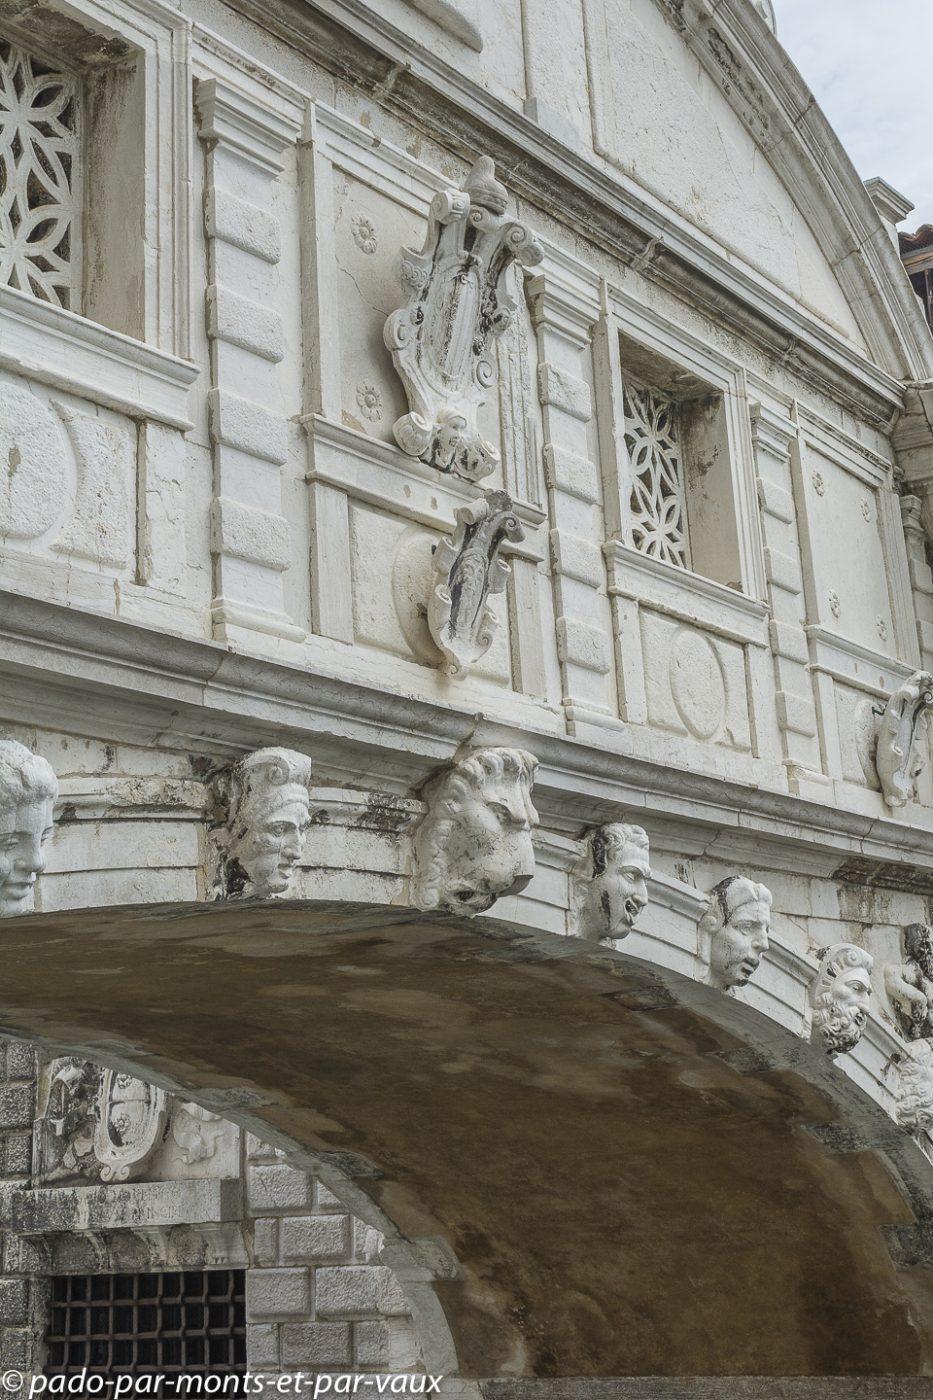 Venise - Palais des doges - Pont des soupirs